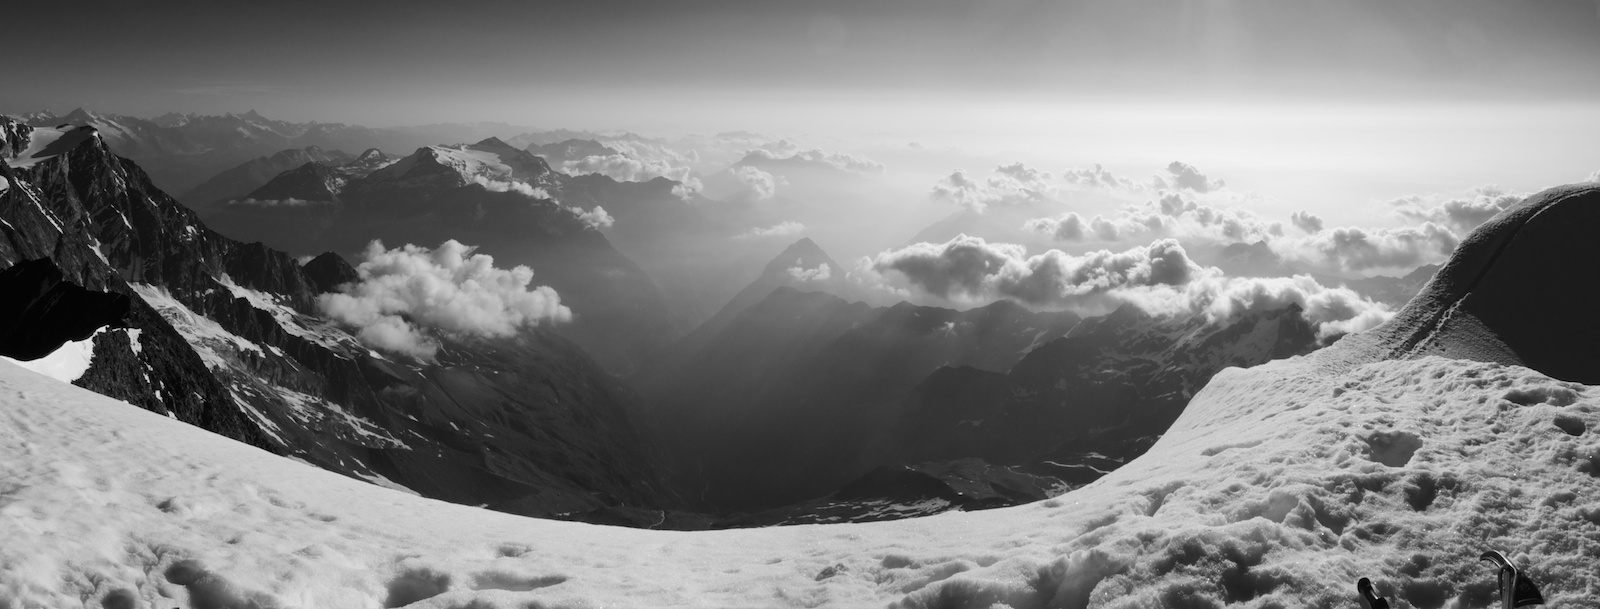 Weissmies Summit Panorama